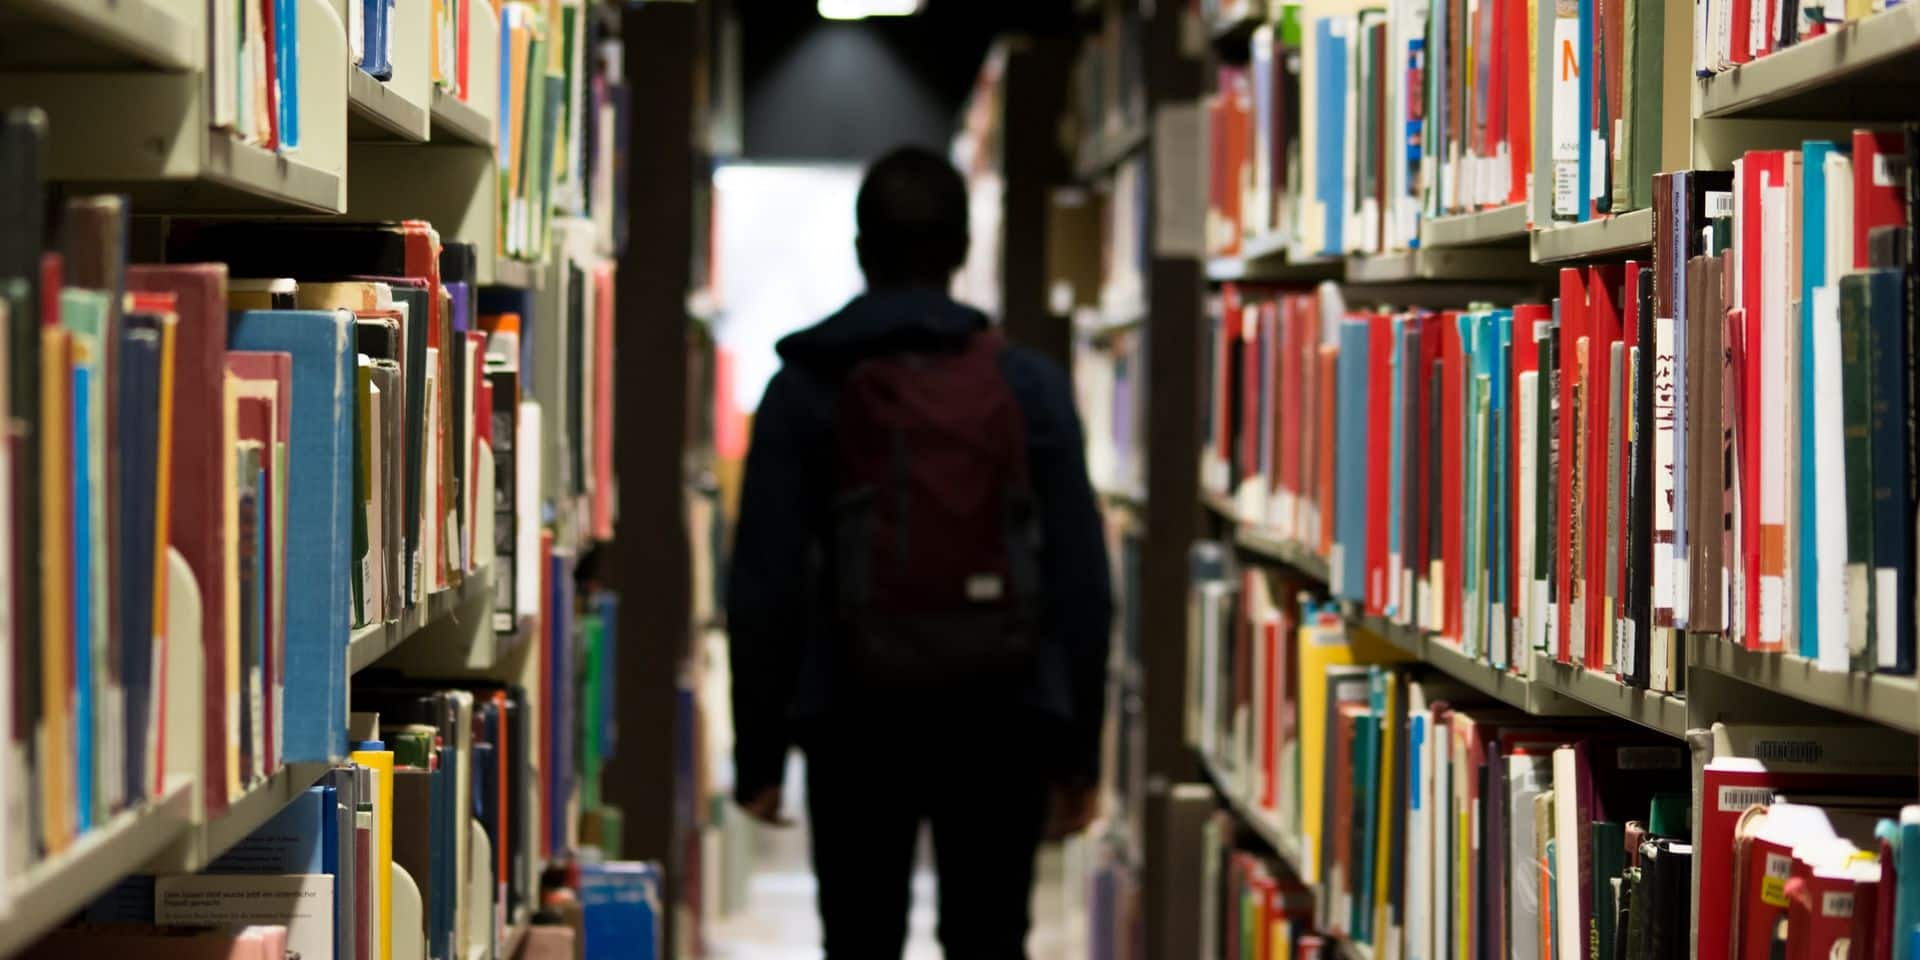 L'antidote au racisme est l'éducation